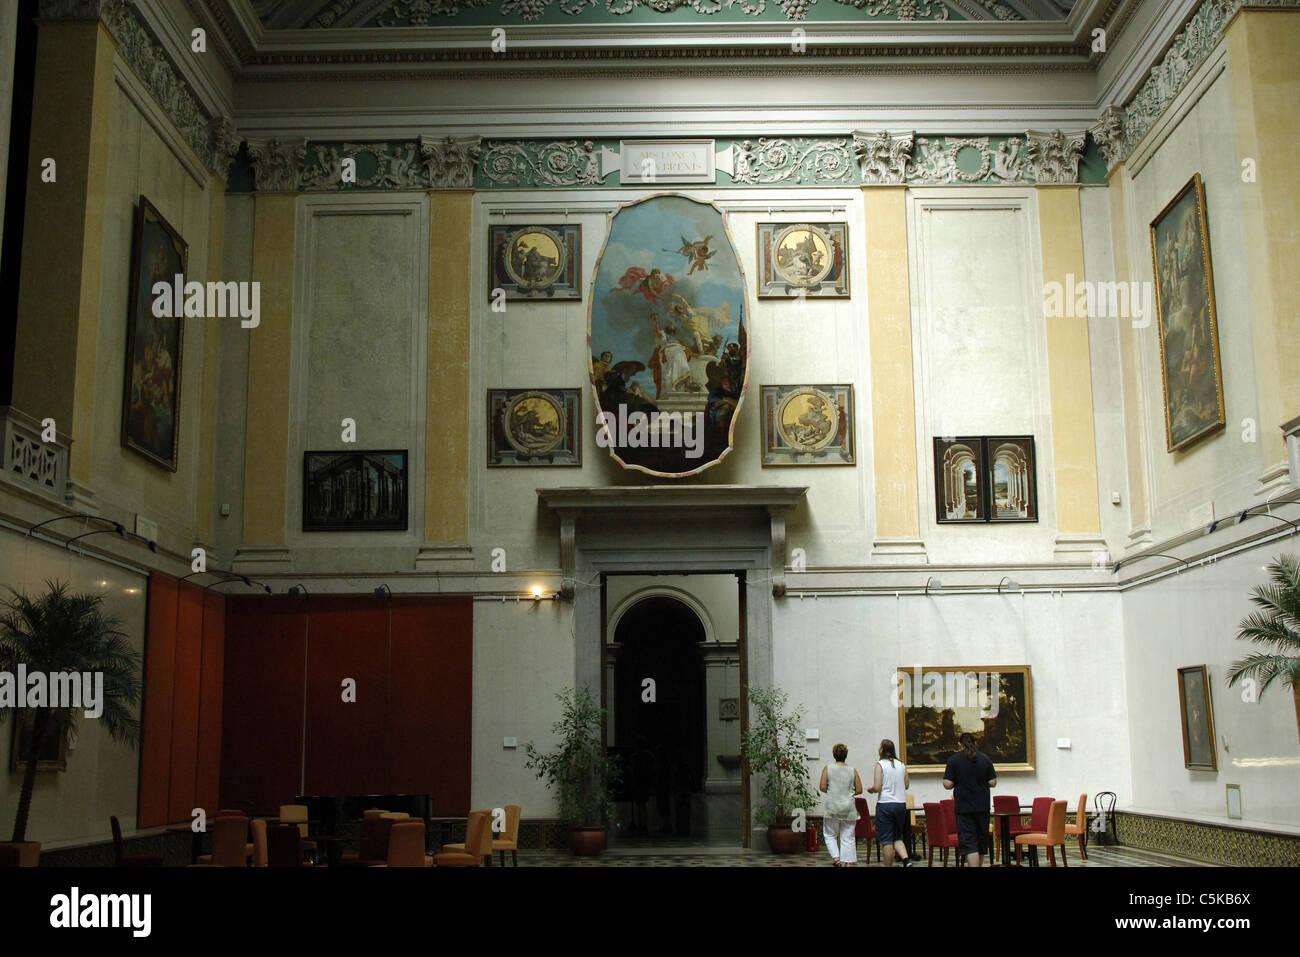 Musée des beaux-arts et de l'intérieur. Budapest. La Hongrie. Photo Stock